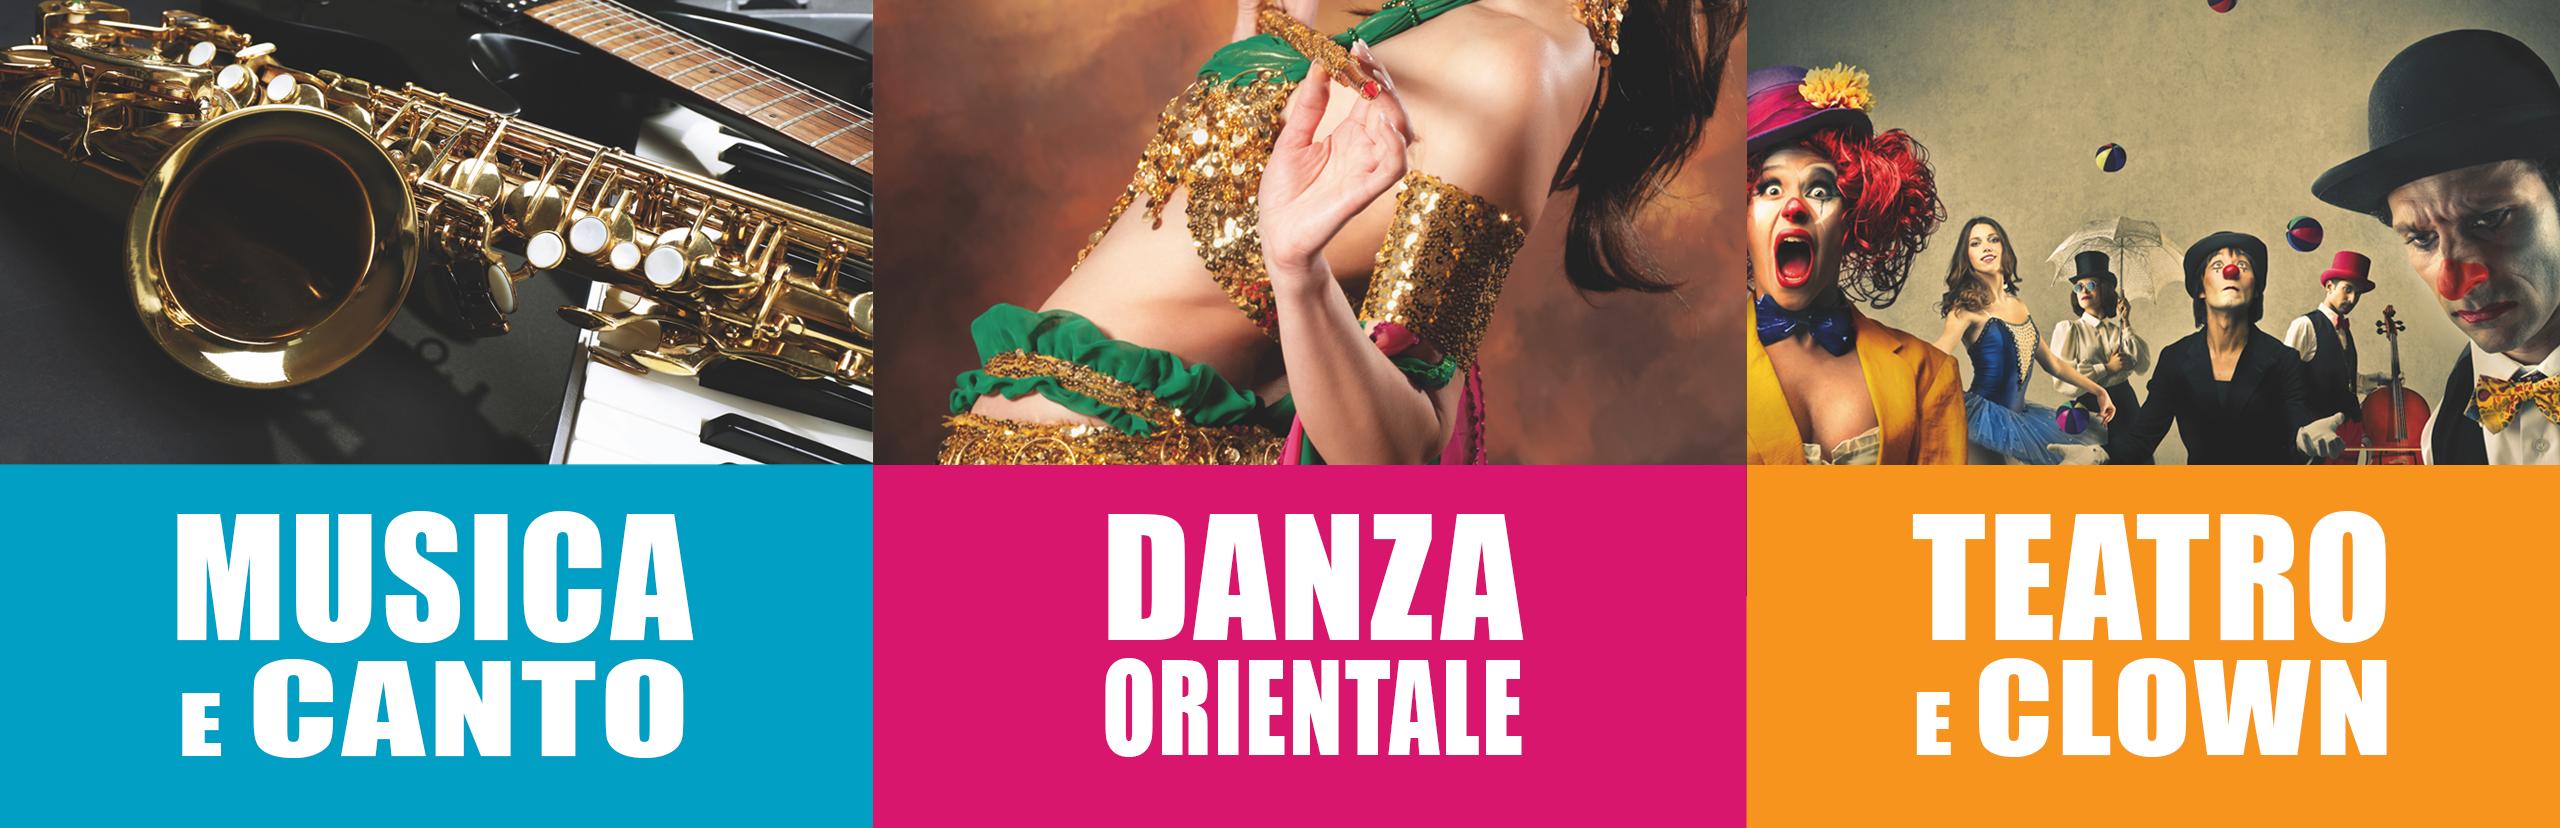 Spazio MUST Saronno   Corsi di Musica, Canto, Danza Orientale, Teatro, Clown